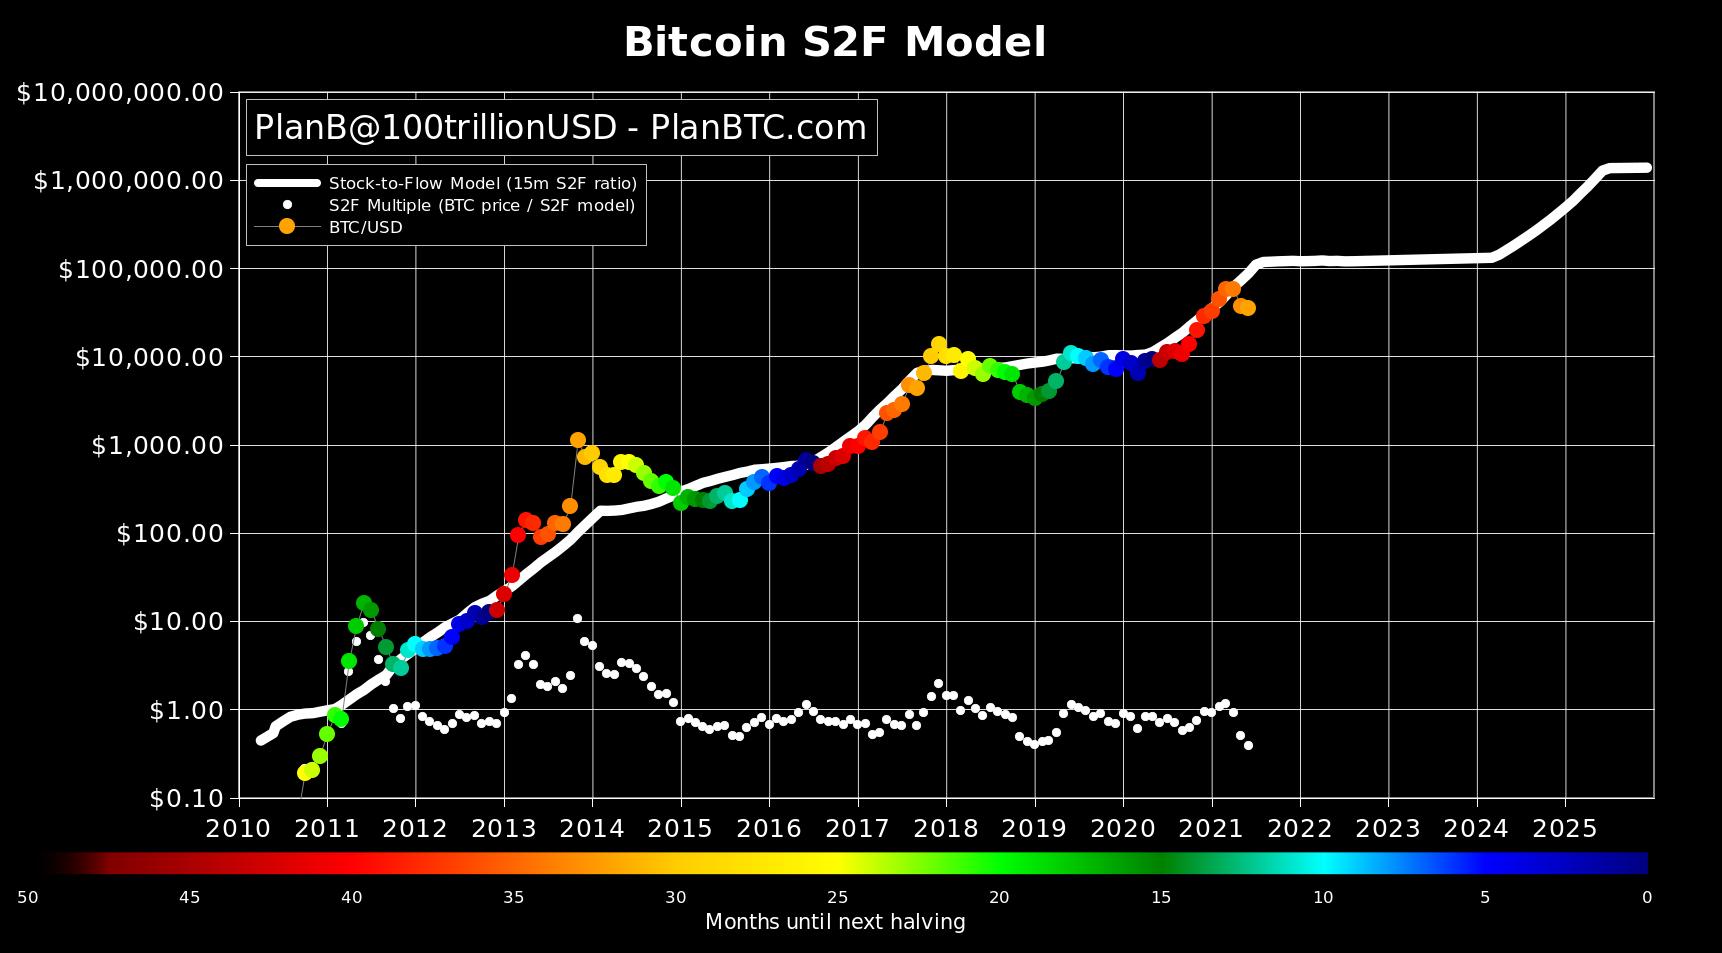 Modello stock-to-flow di Bitcoin, 1 luglio